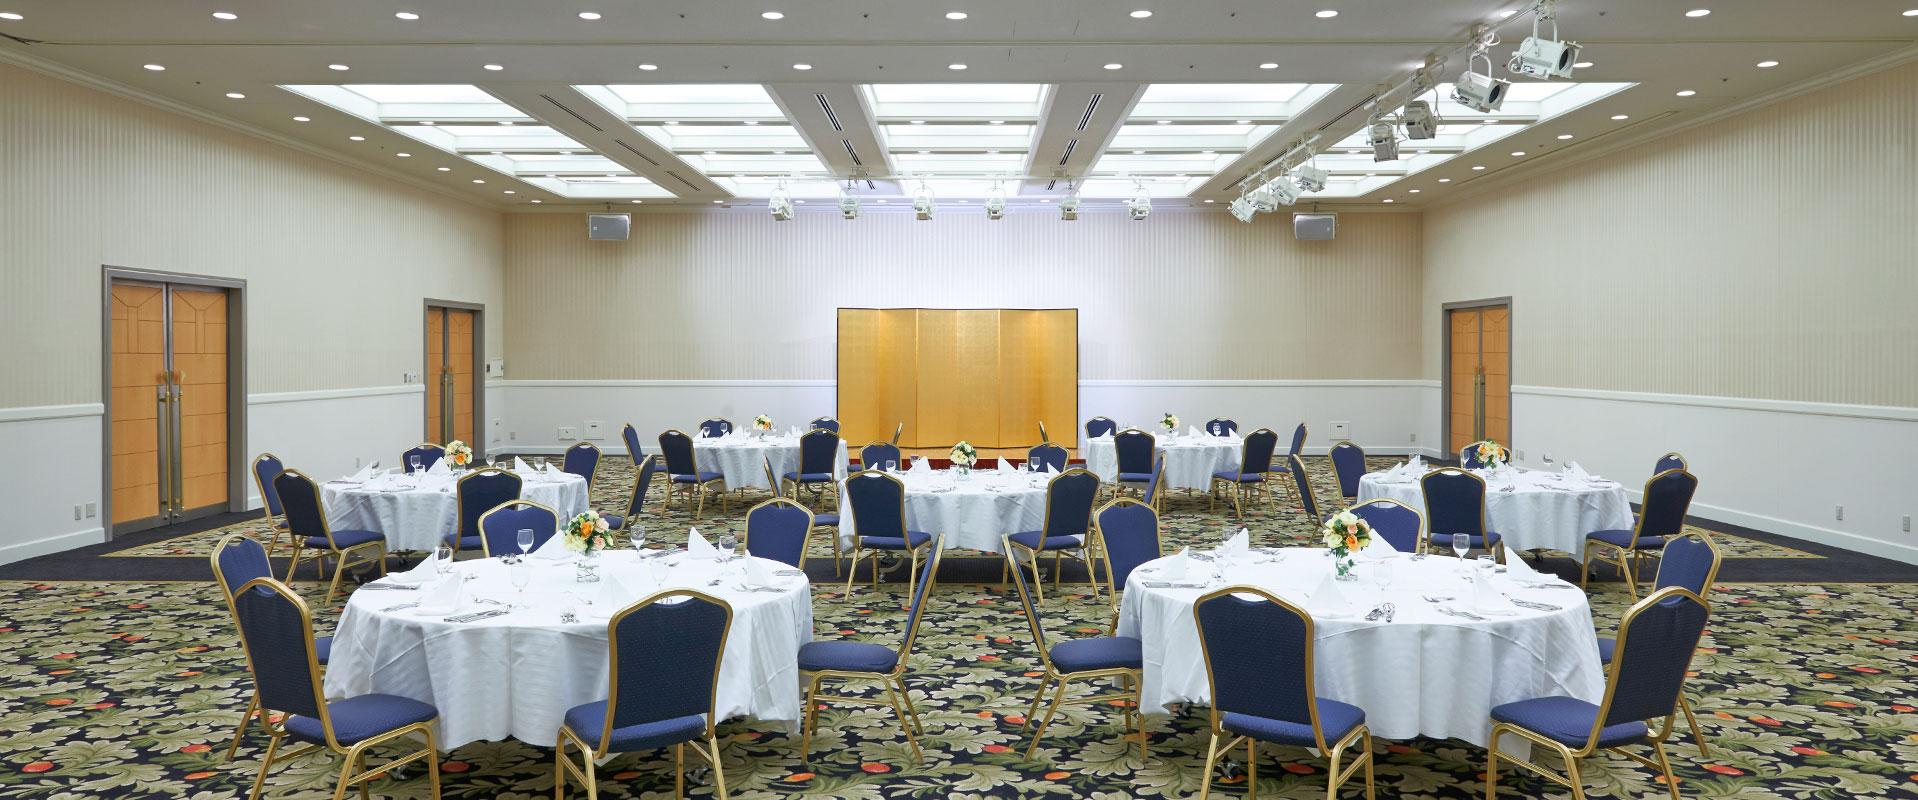 宴会厅图片